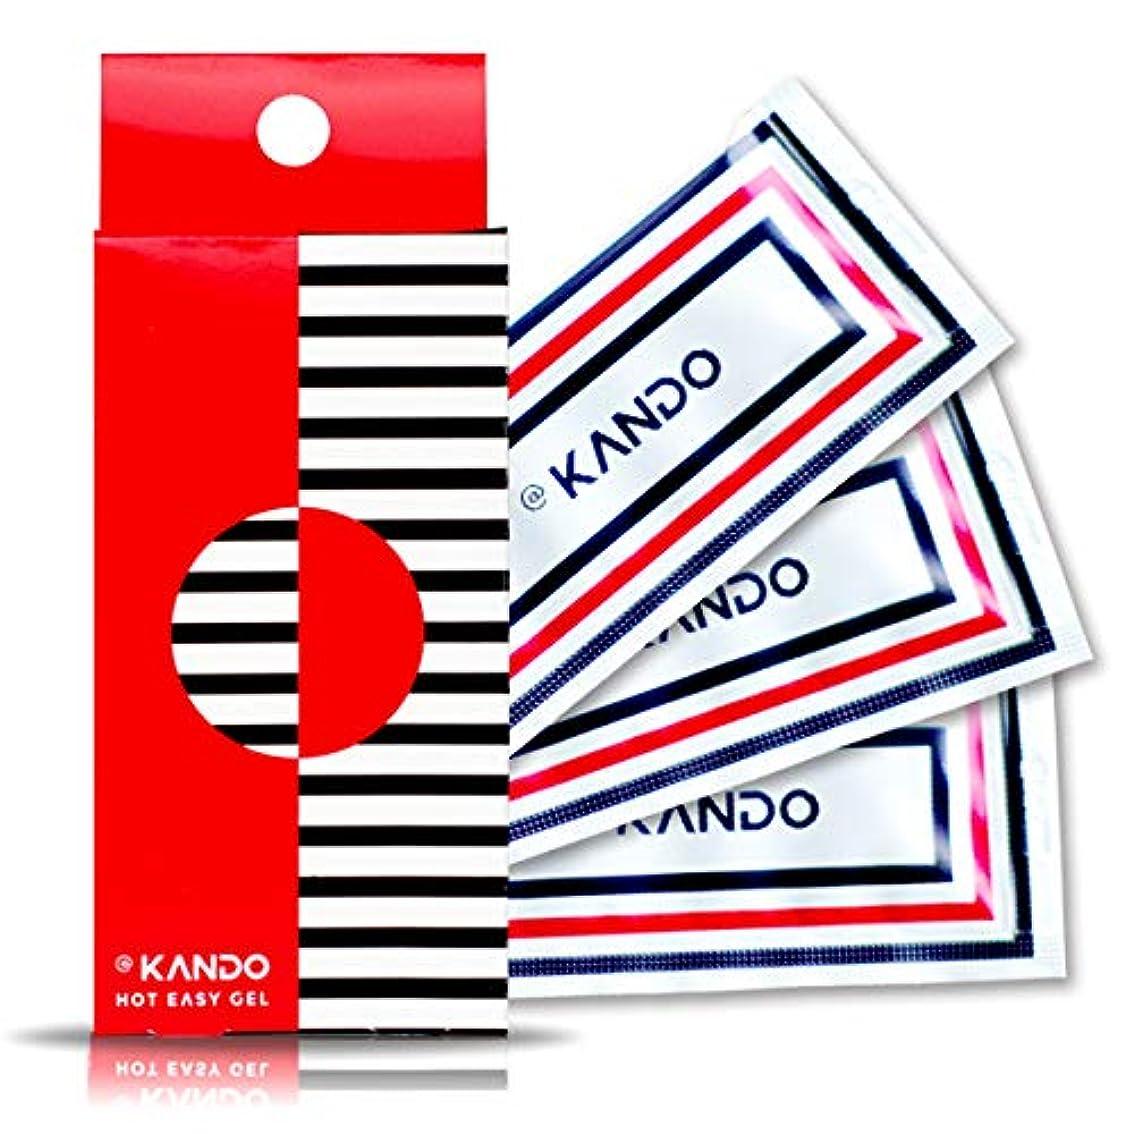 違法パイプ鮫@KANDO アットカンドホットイージージェル(ボディマッサージジェル)5g×3包入 温感タイプ